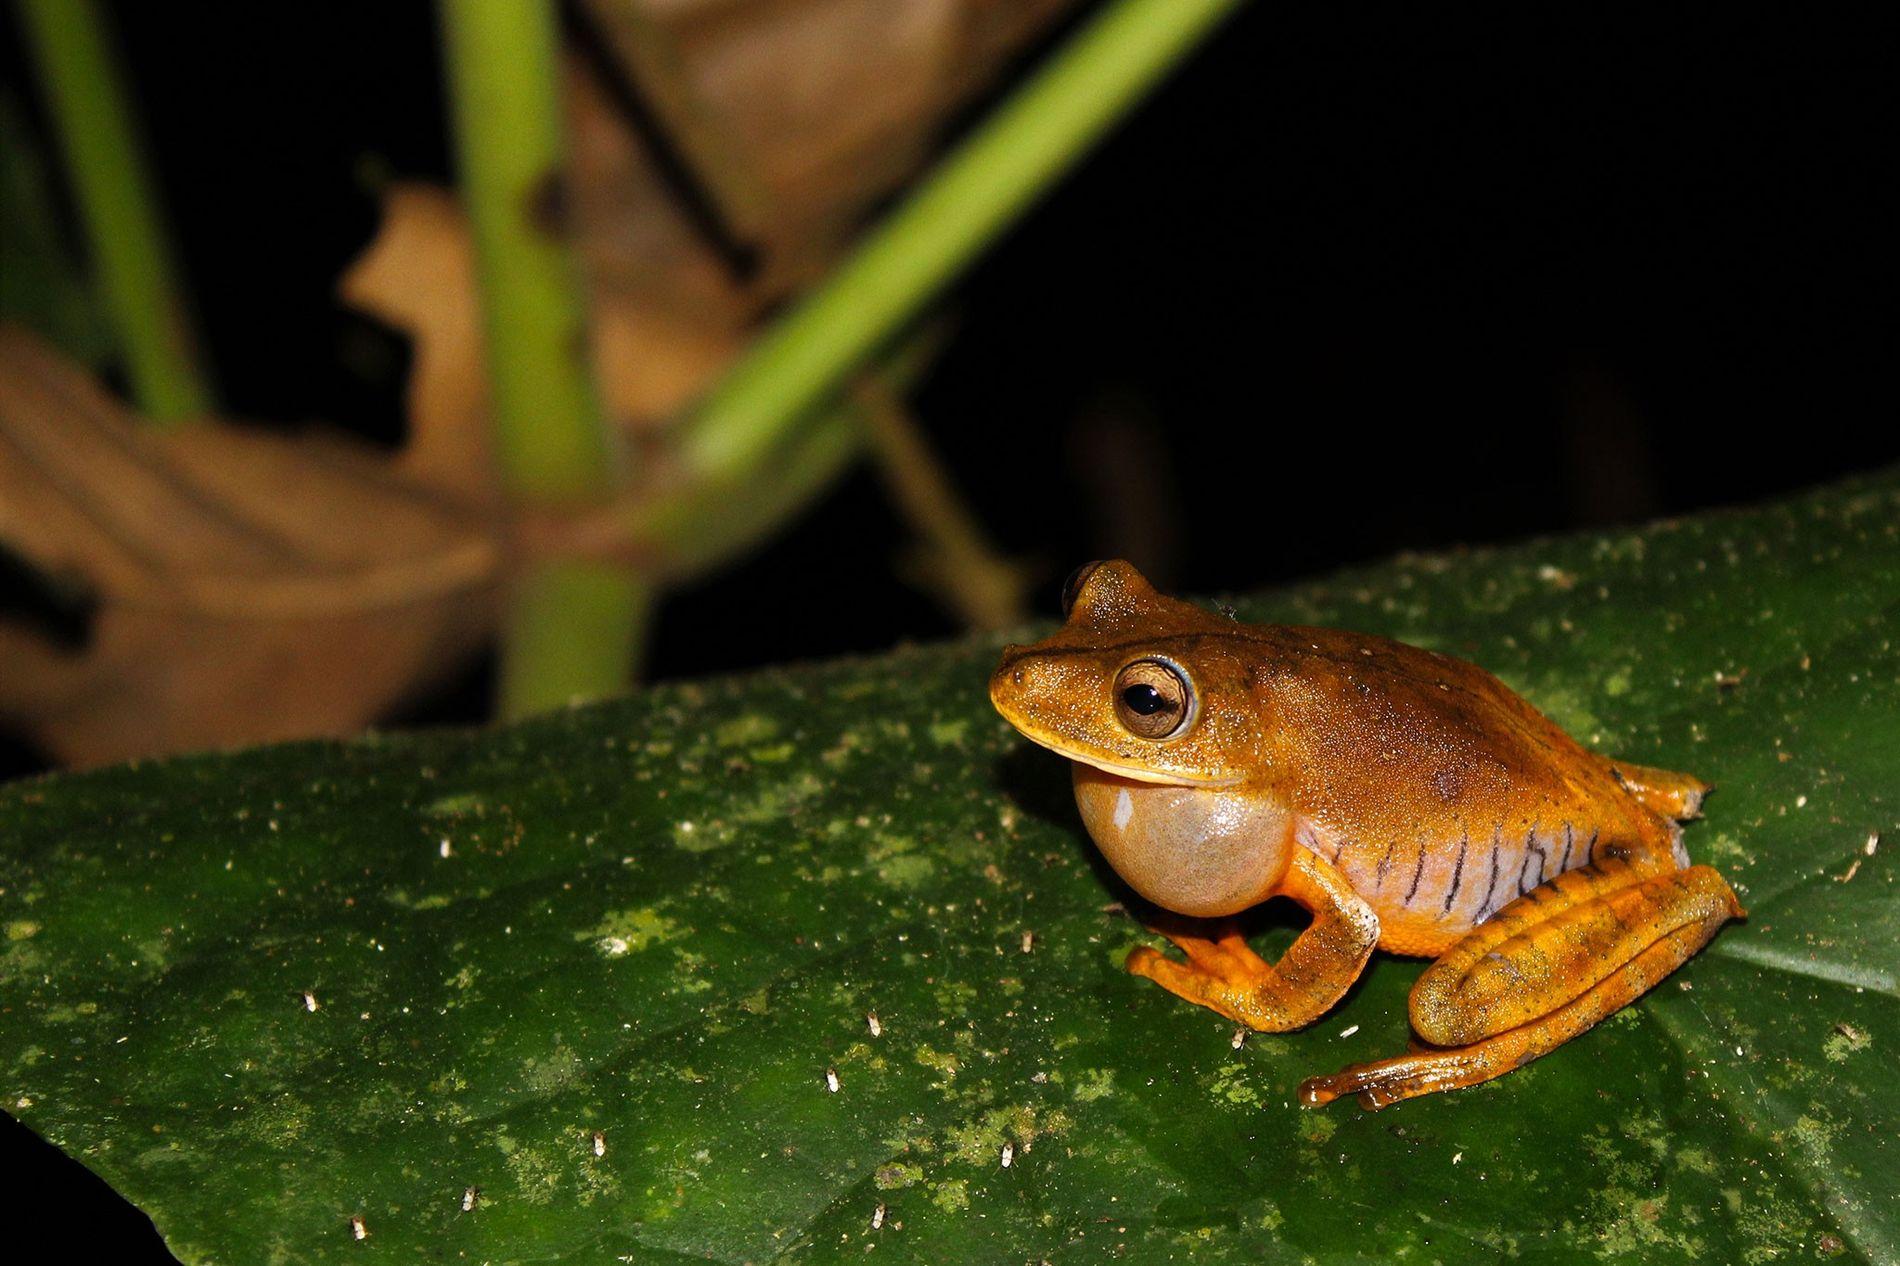 A nova espécie recebeu o nome da lendária tribo de guerreiras indígenas Icamiabas da Amazônia.